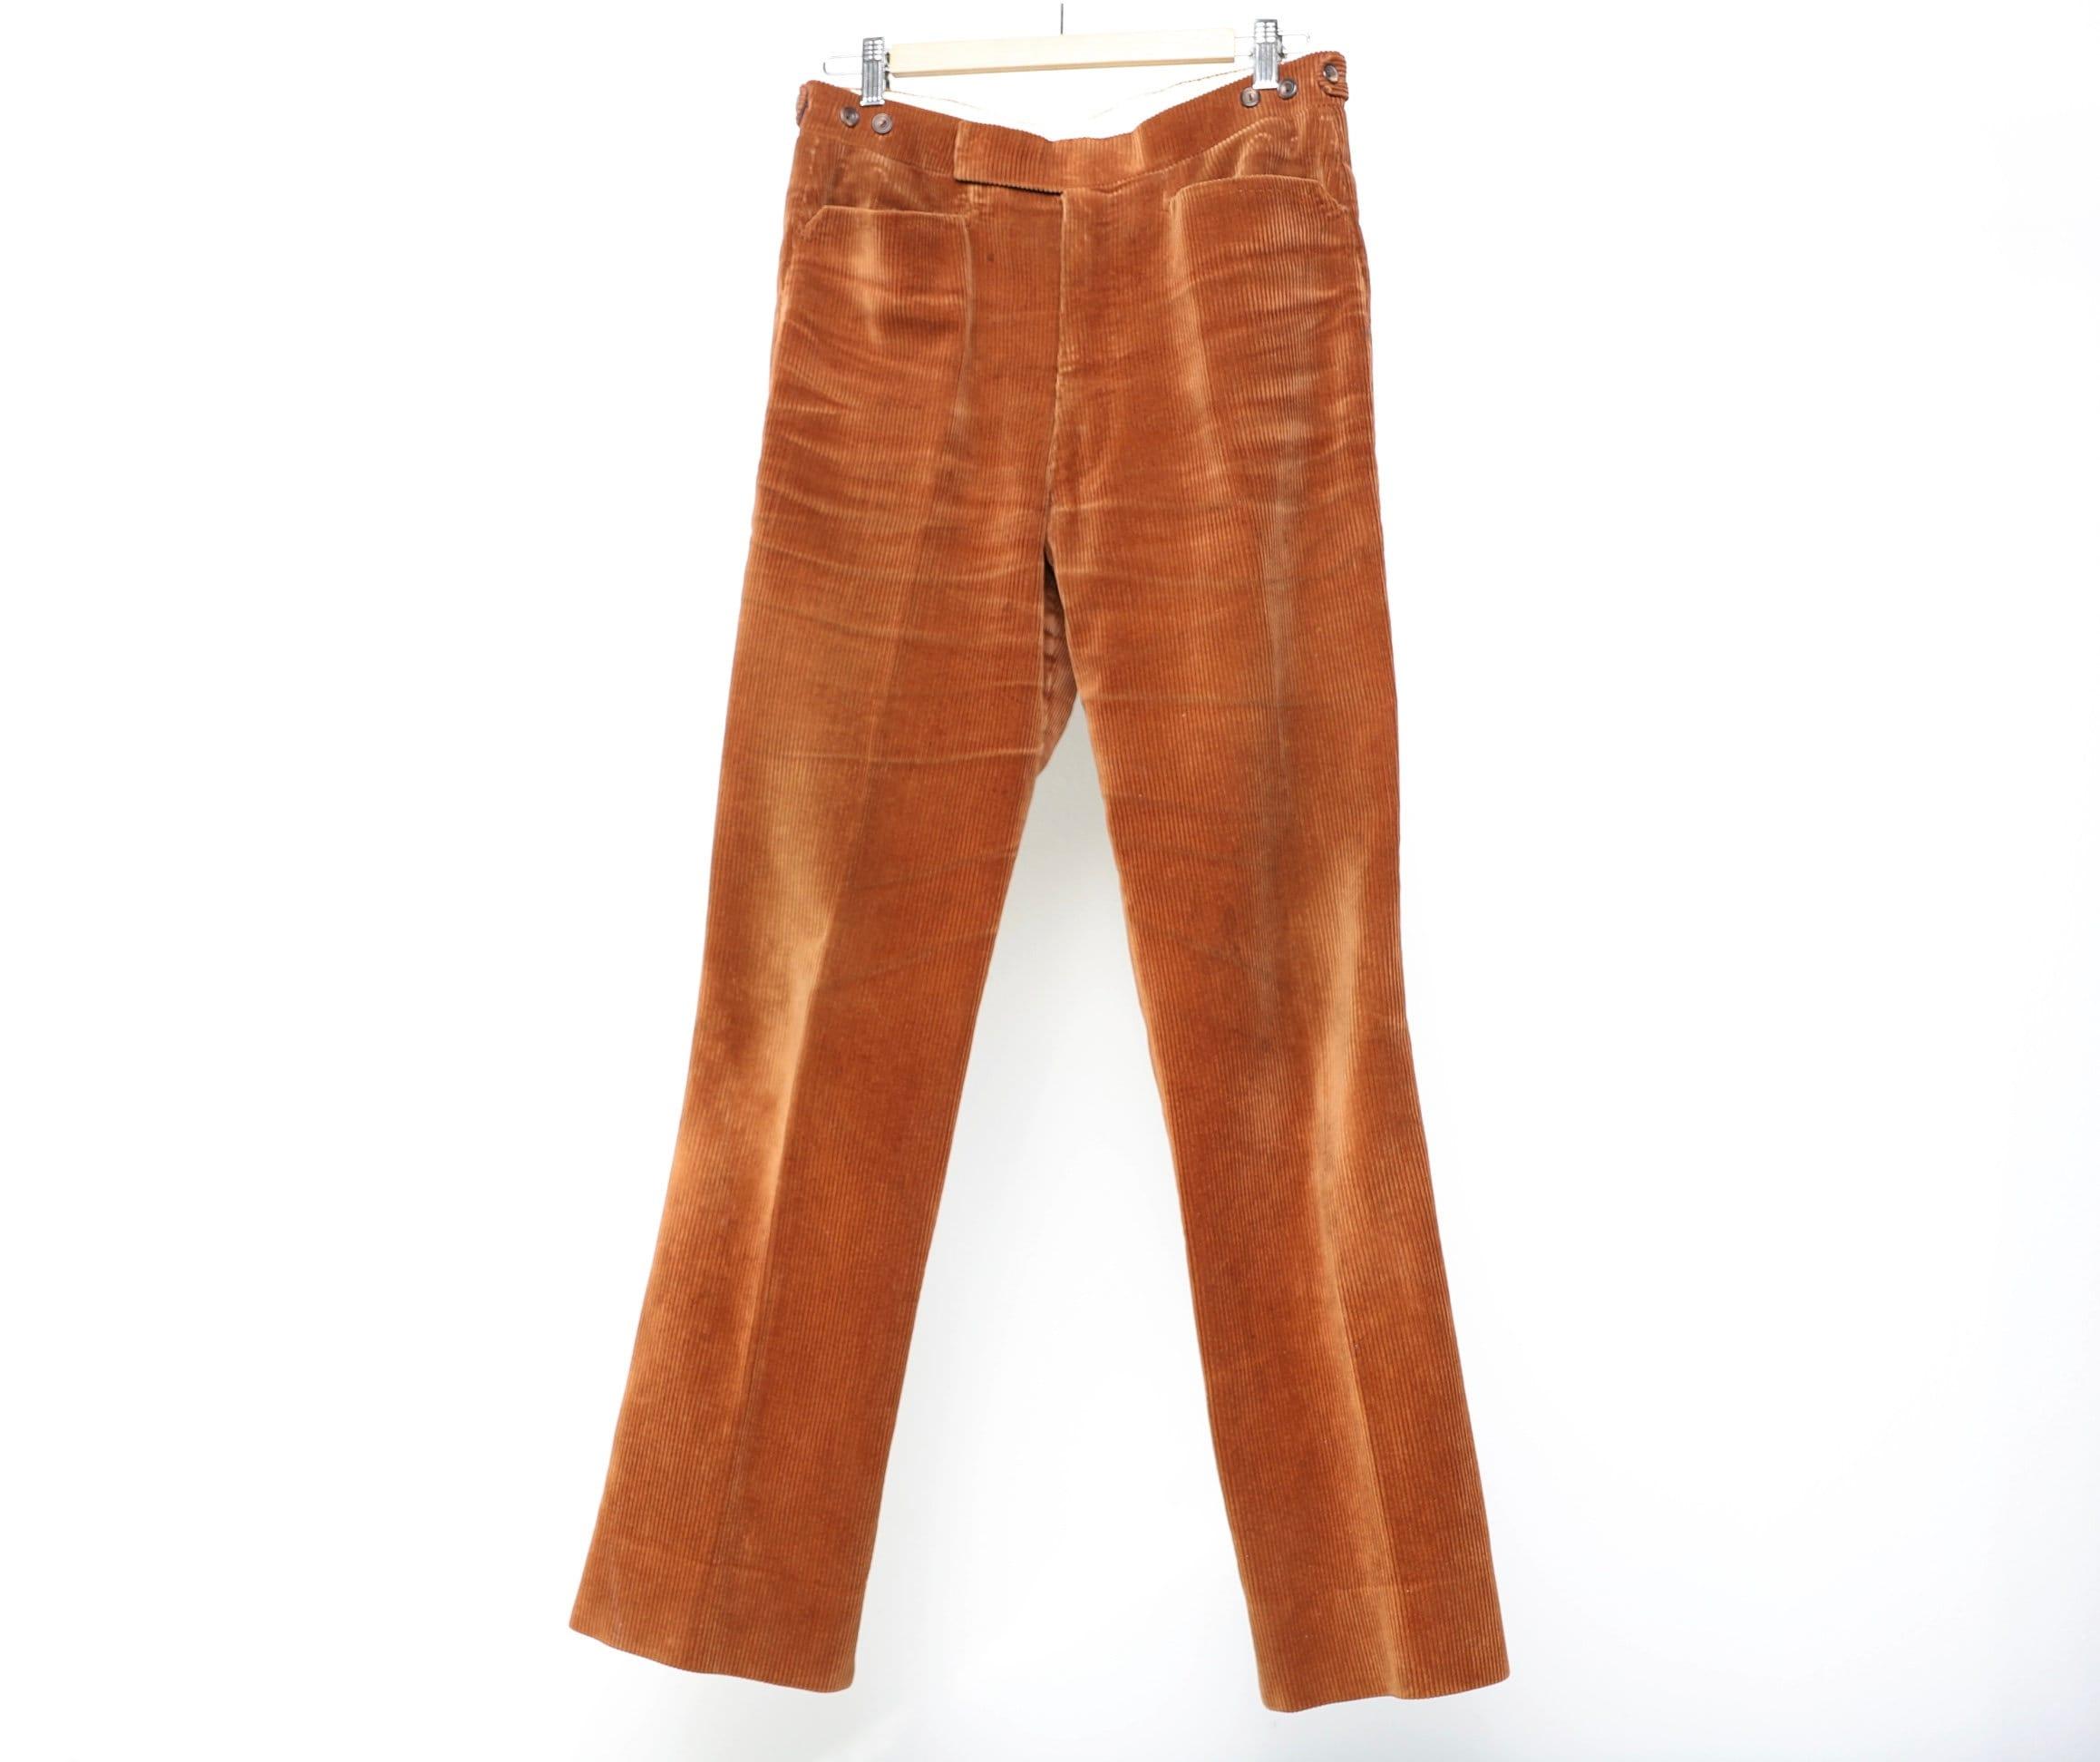 1960s – 70s Men's Ties | Skinny Ties, Slim Ties Vintage Brown Burnt Orange Corduroy Sta Prest Slacks Corduroy Finish 1960S Pants 31 X Jeans $24.95 AT vintagedancer.com